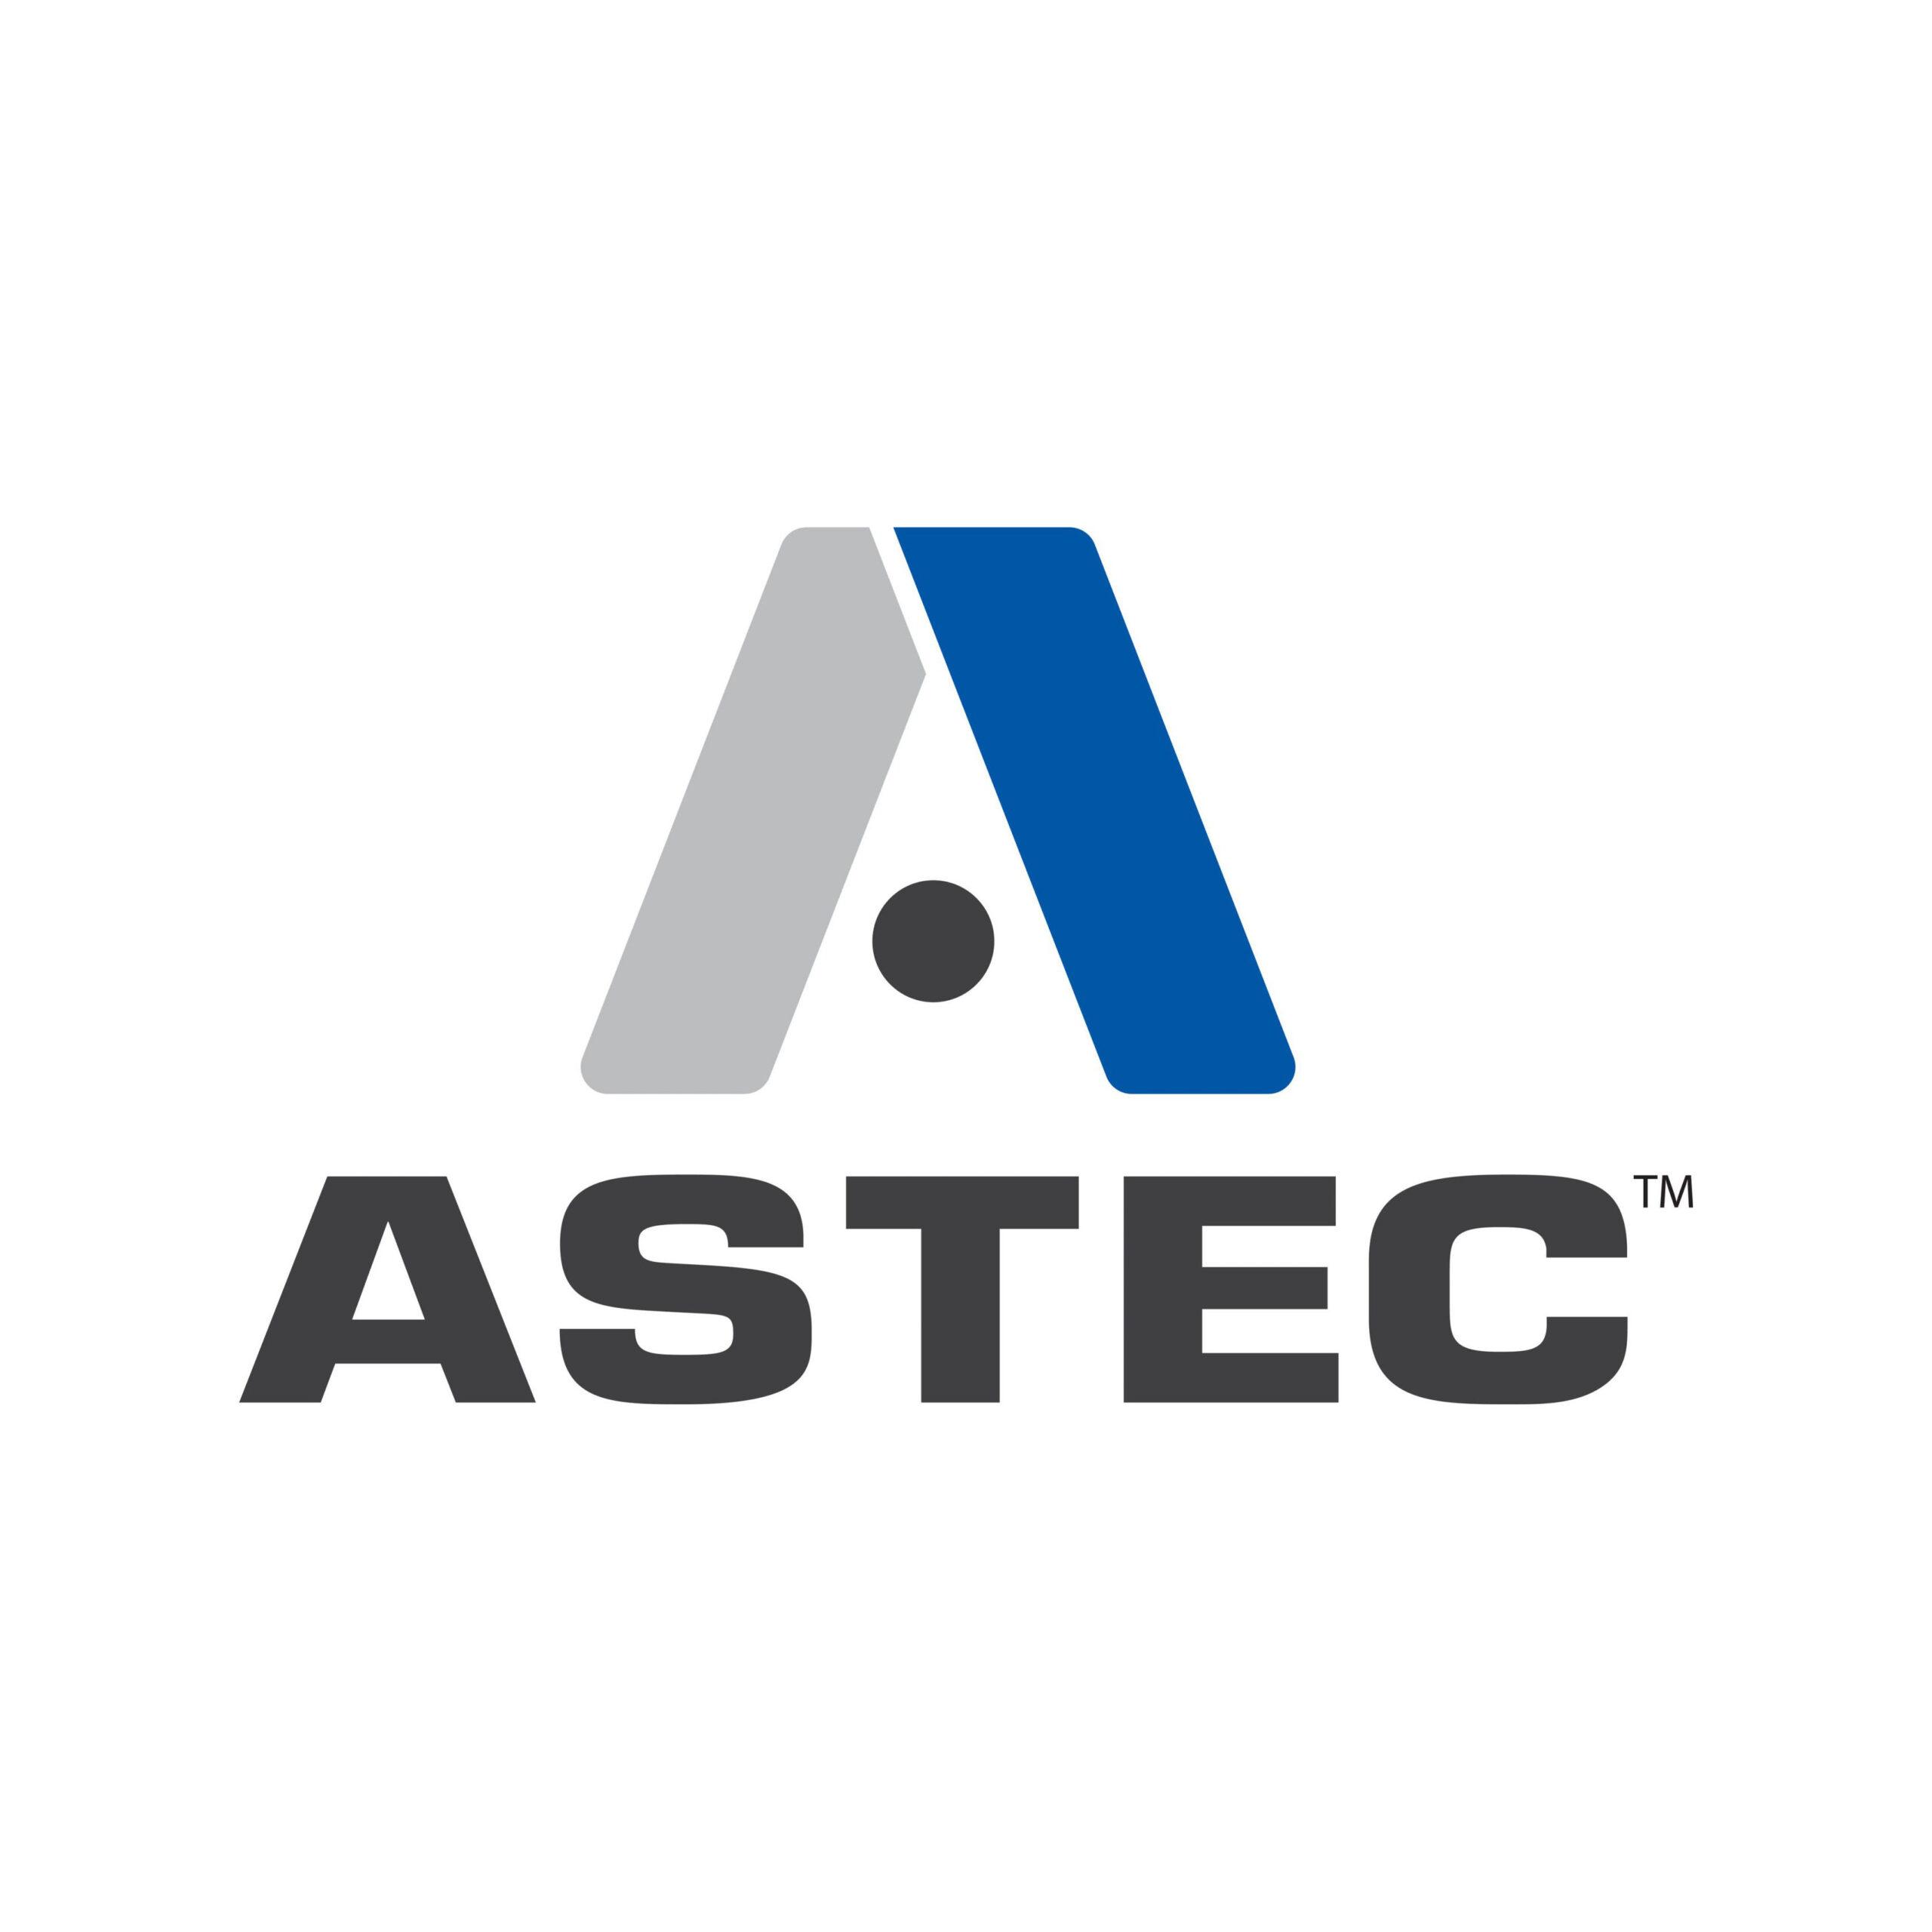 Astec об'єднав усі свої бренди під одним ім'ям та одним лого